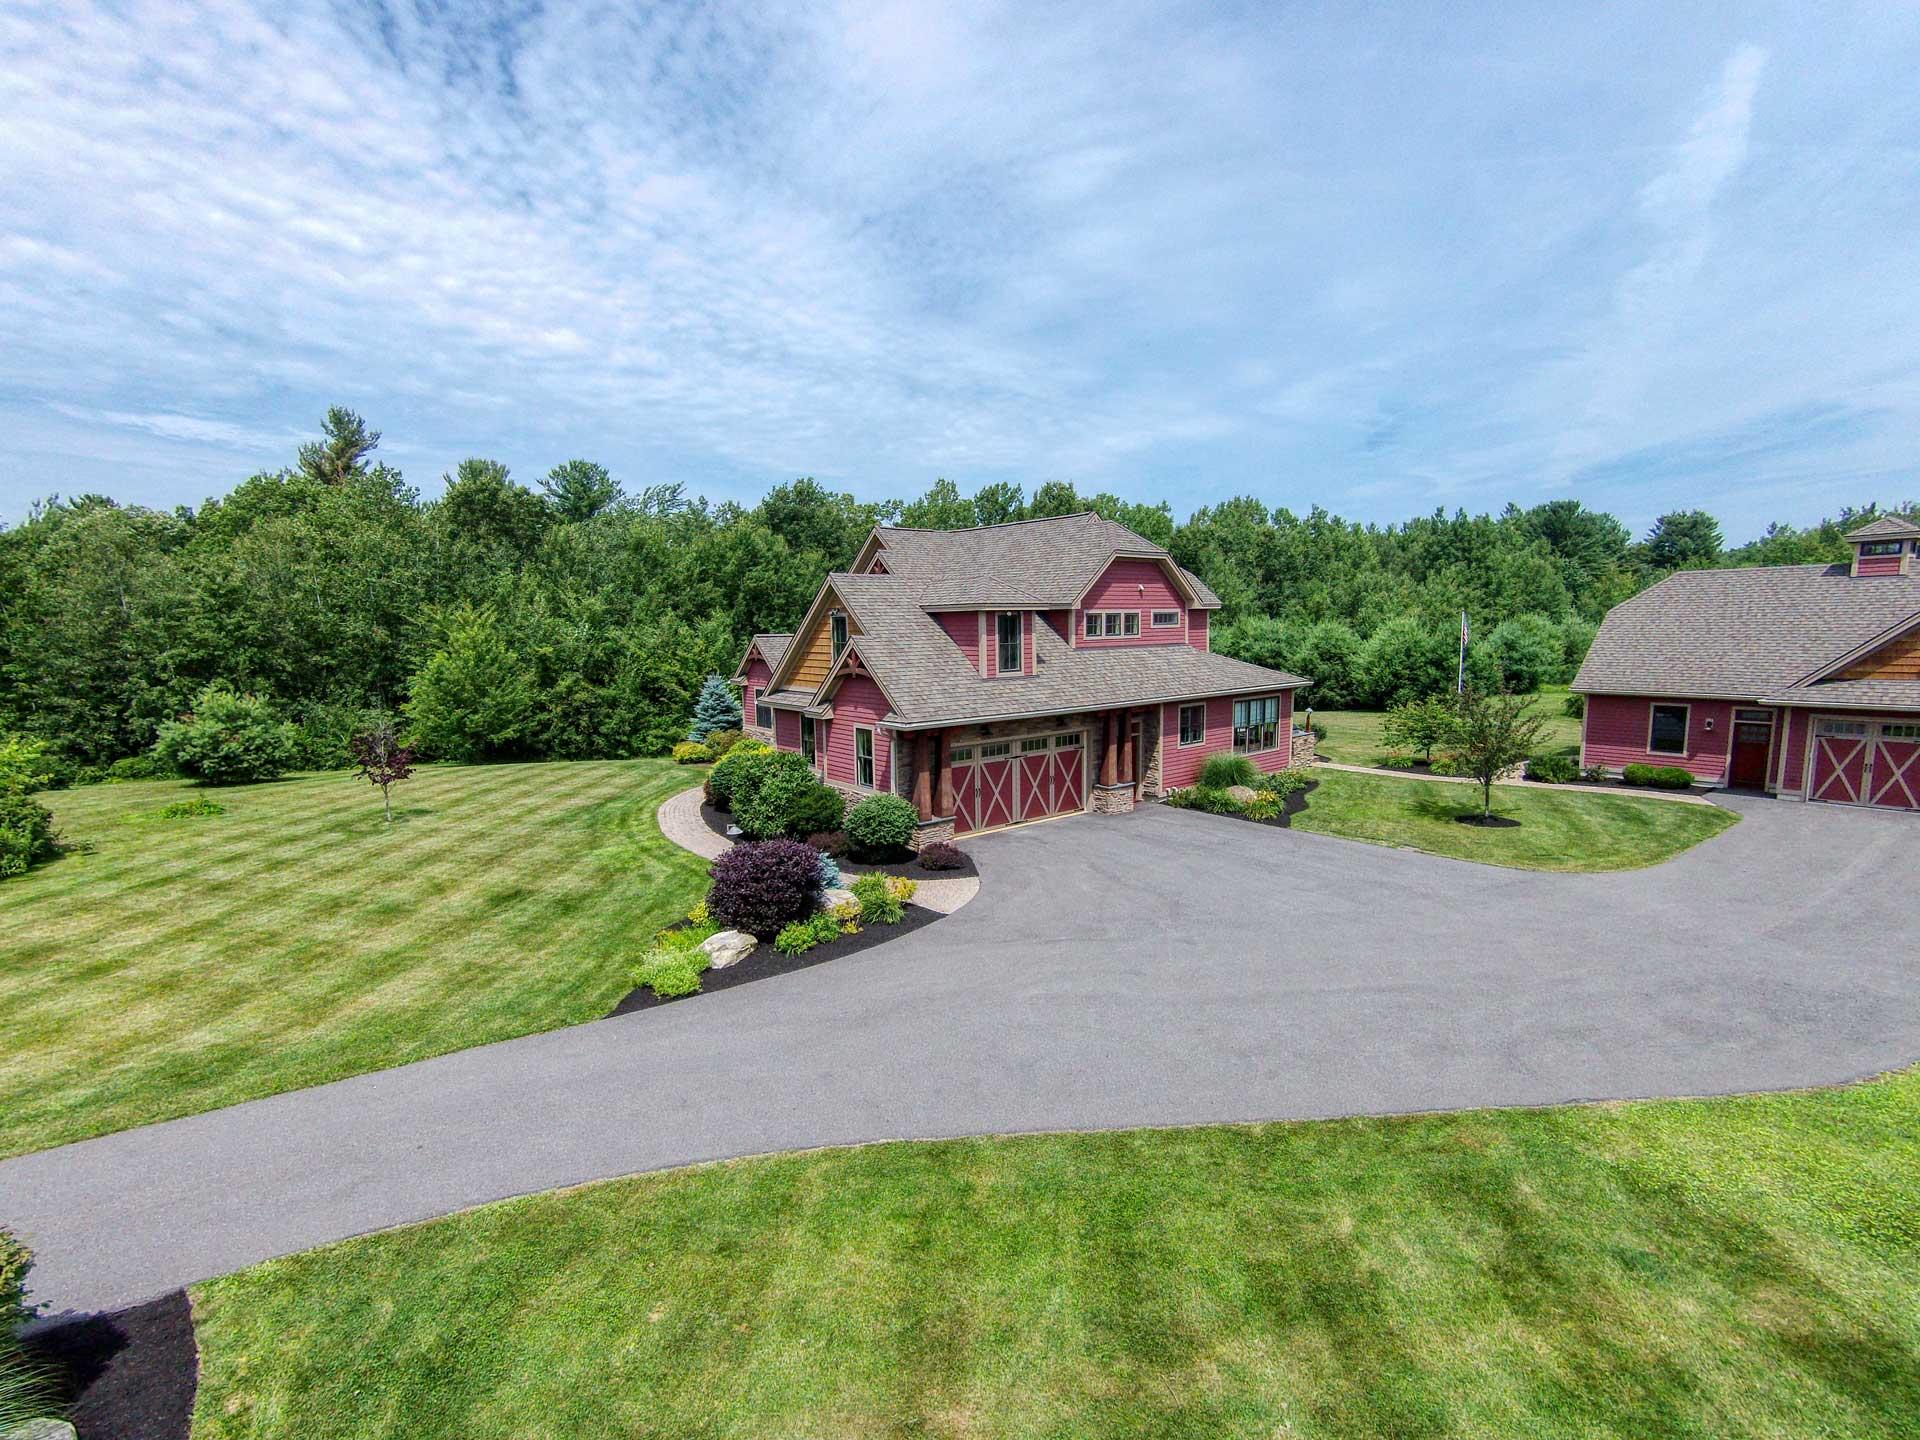 Low altitude aerial photo of home near Saratoga Lake.